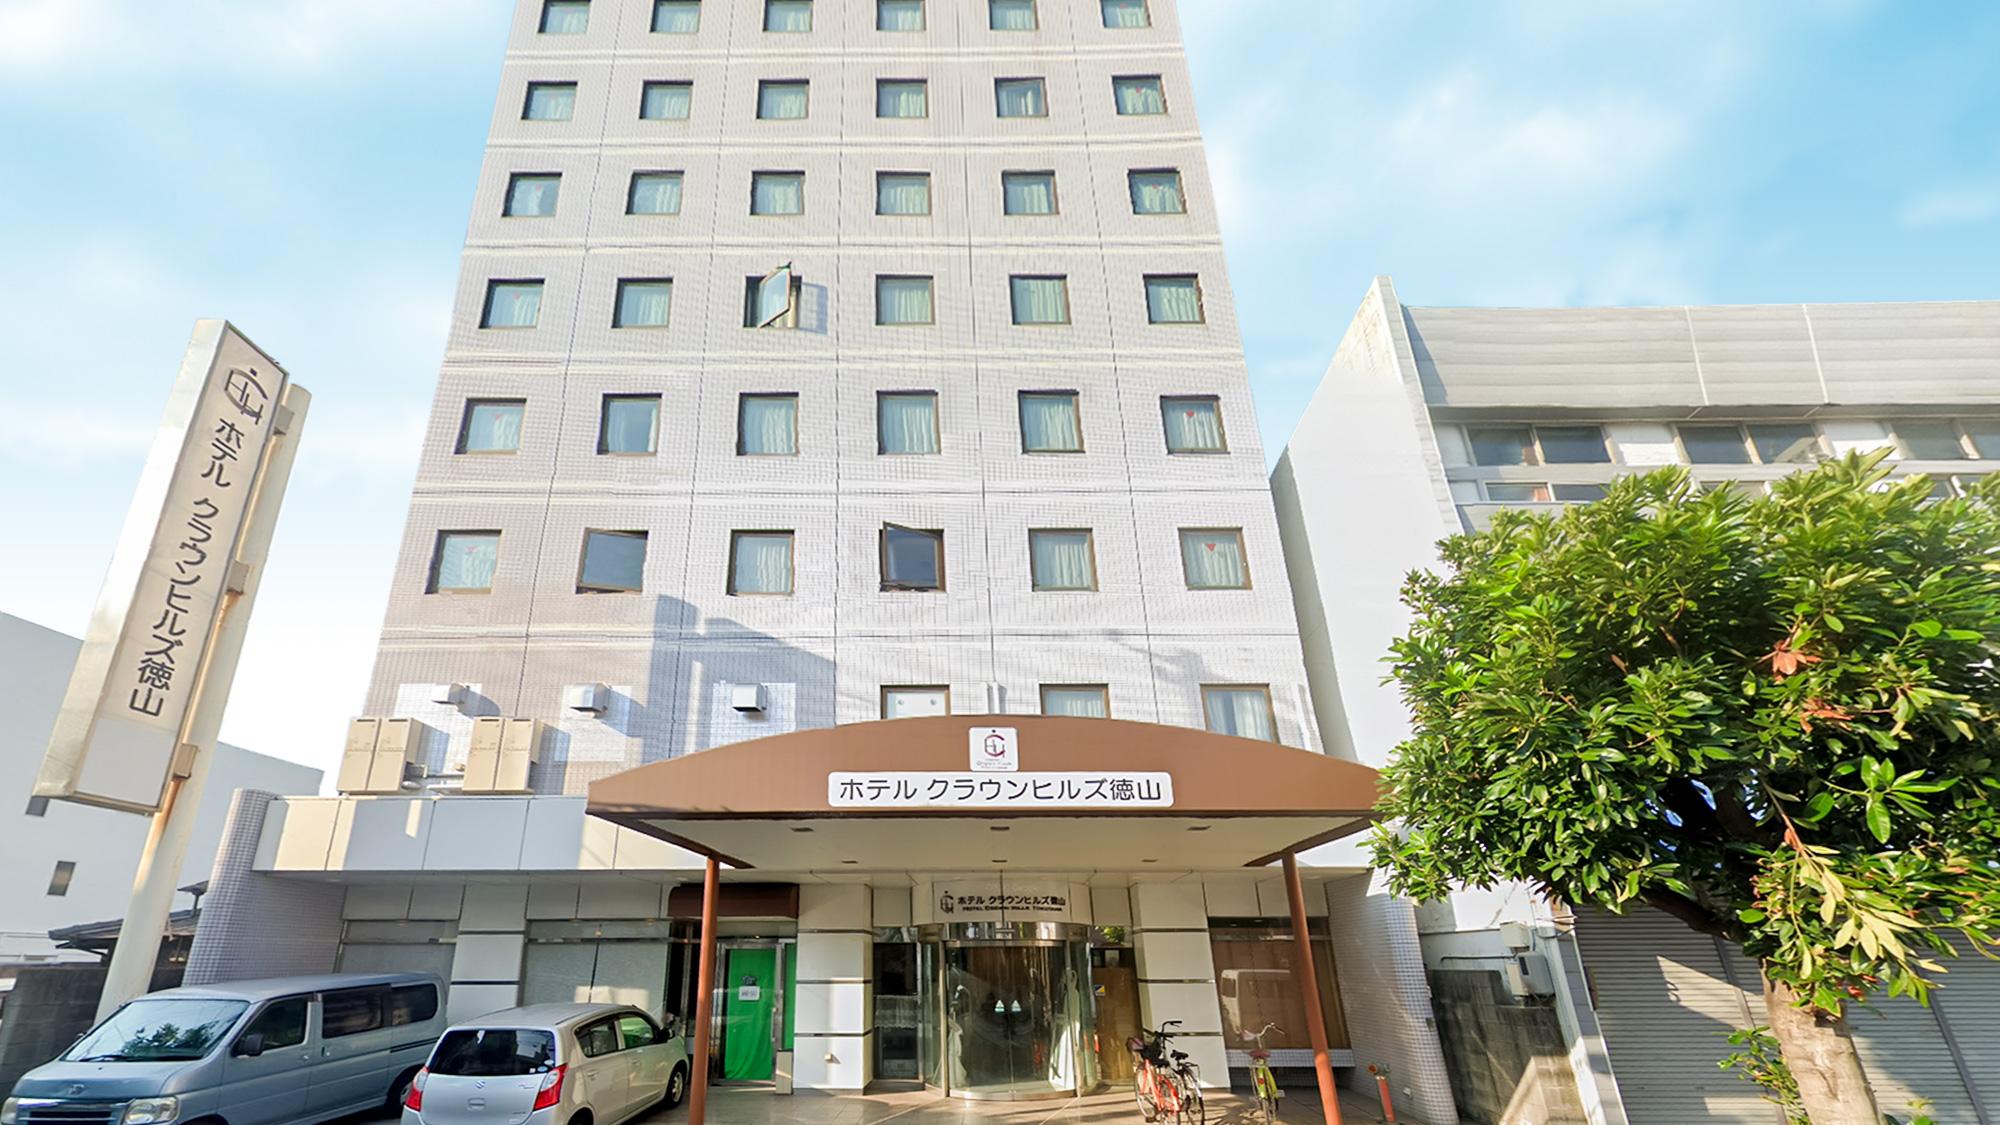 ホテル クラウンヒルズ徳山◆楽天トラベル